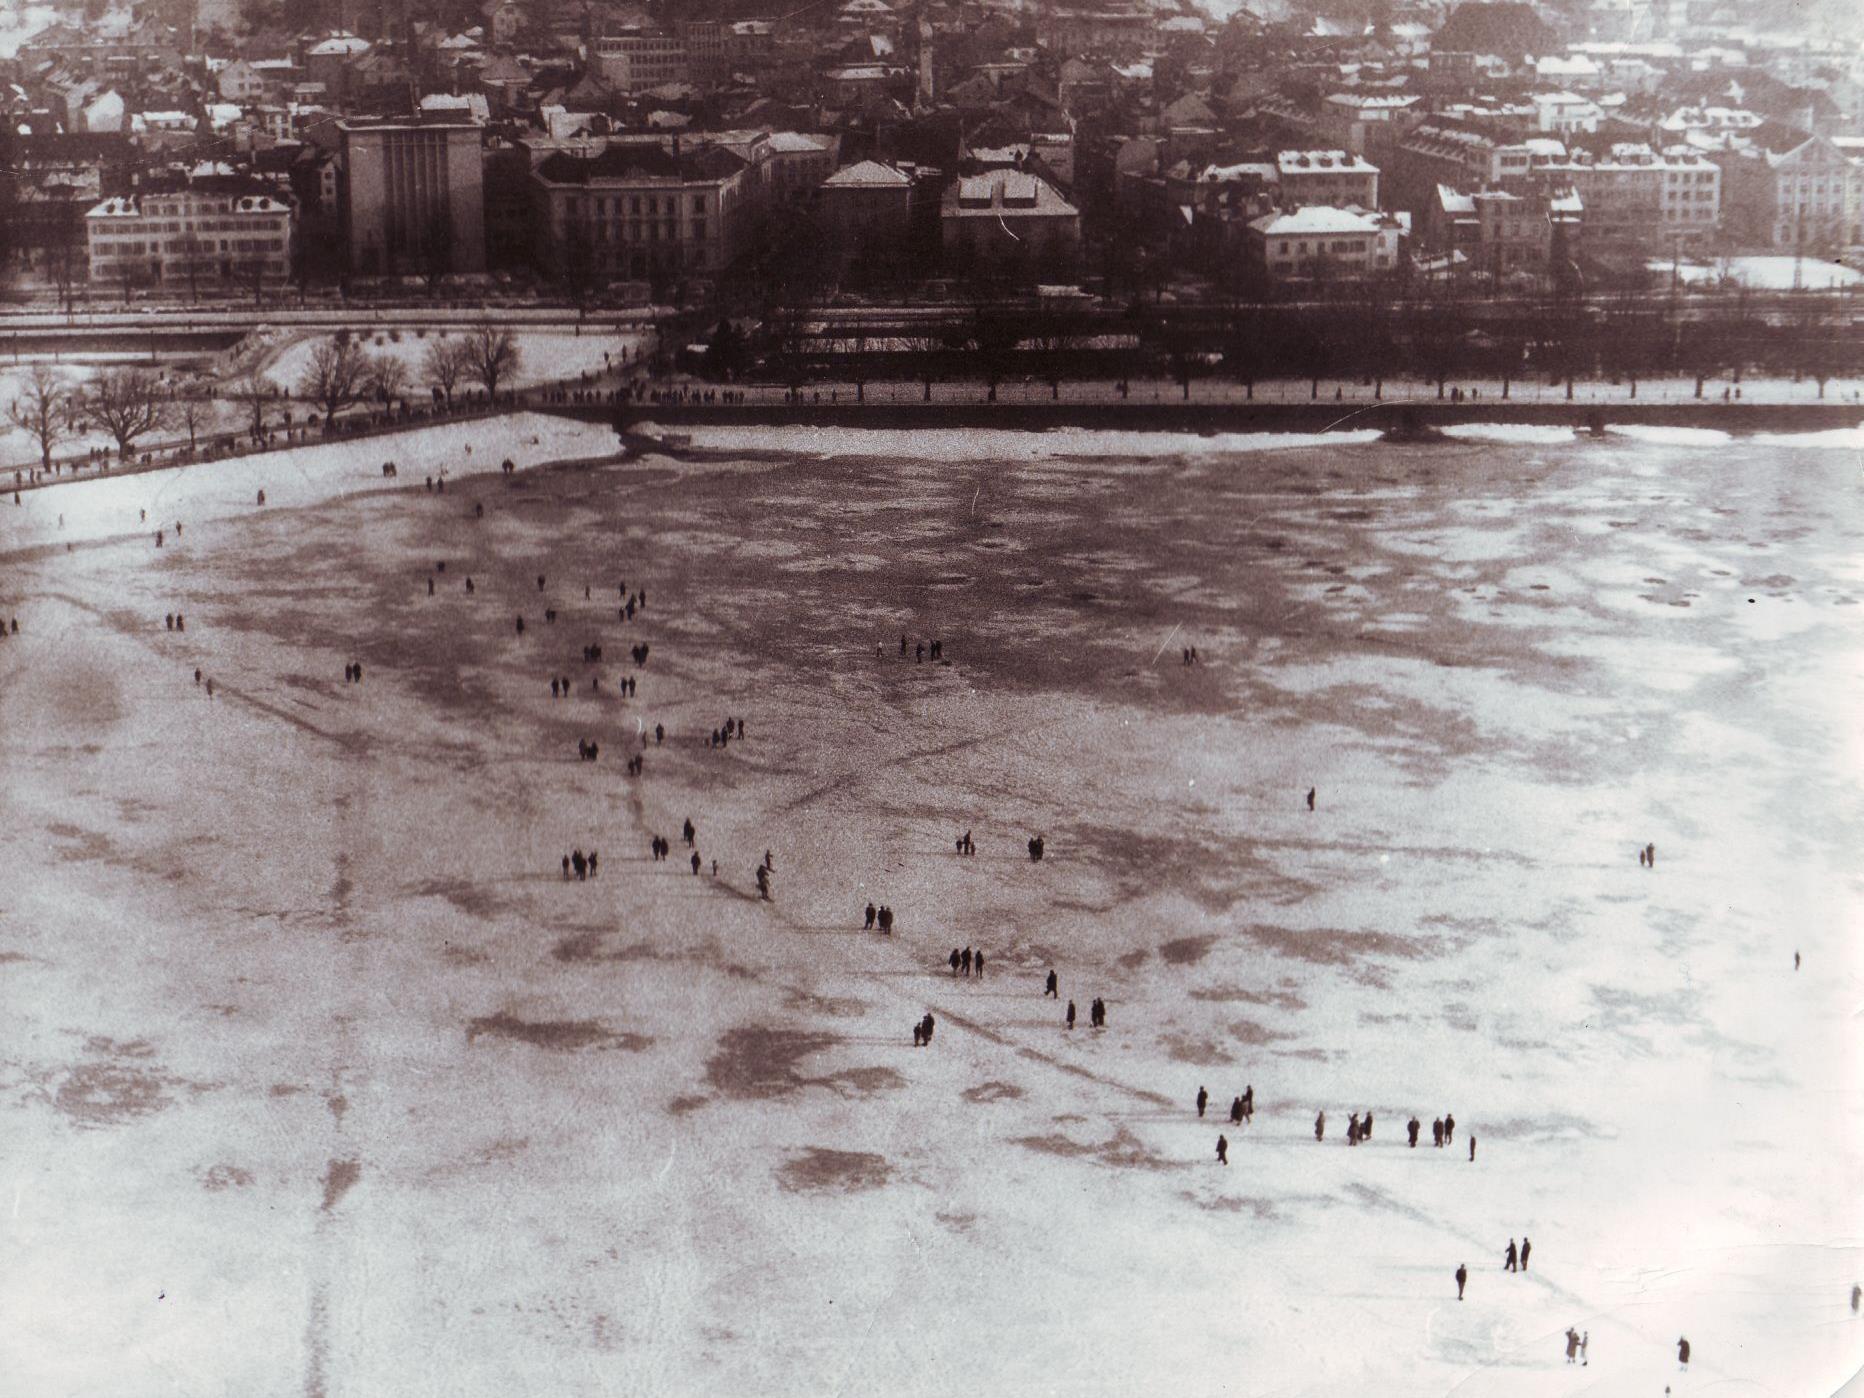 Eislaufen auf dem Bodensee: Die Chancen stehen schlecht.